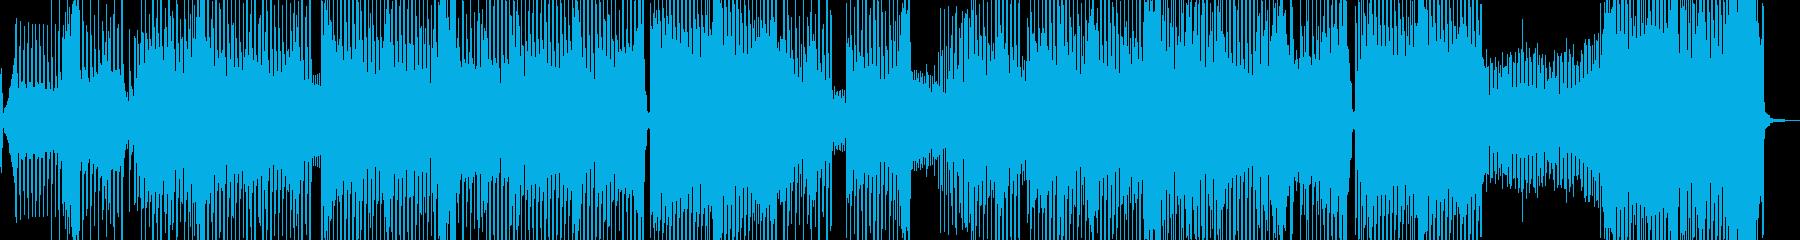 ユニークシンセのエクササイズテクノポップの再生済みの波形